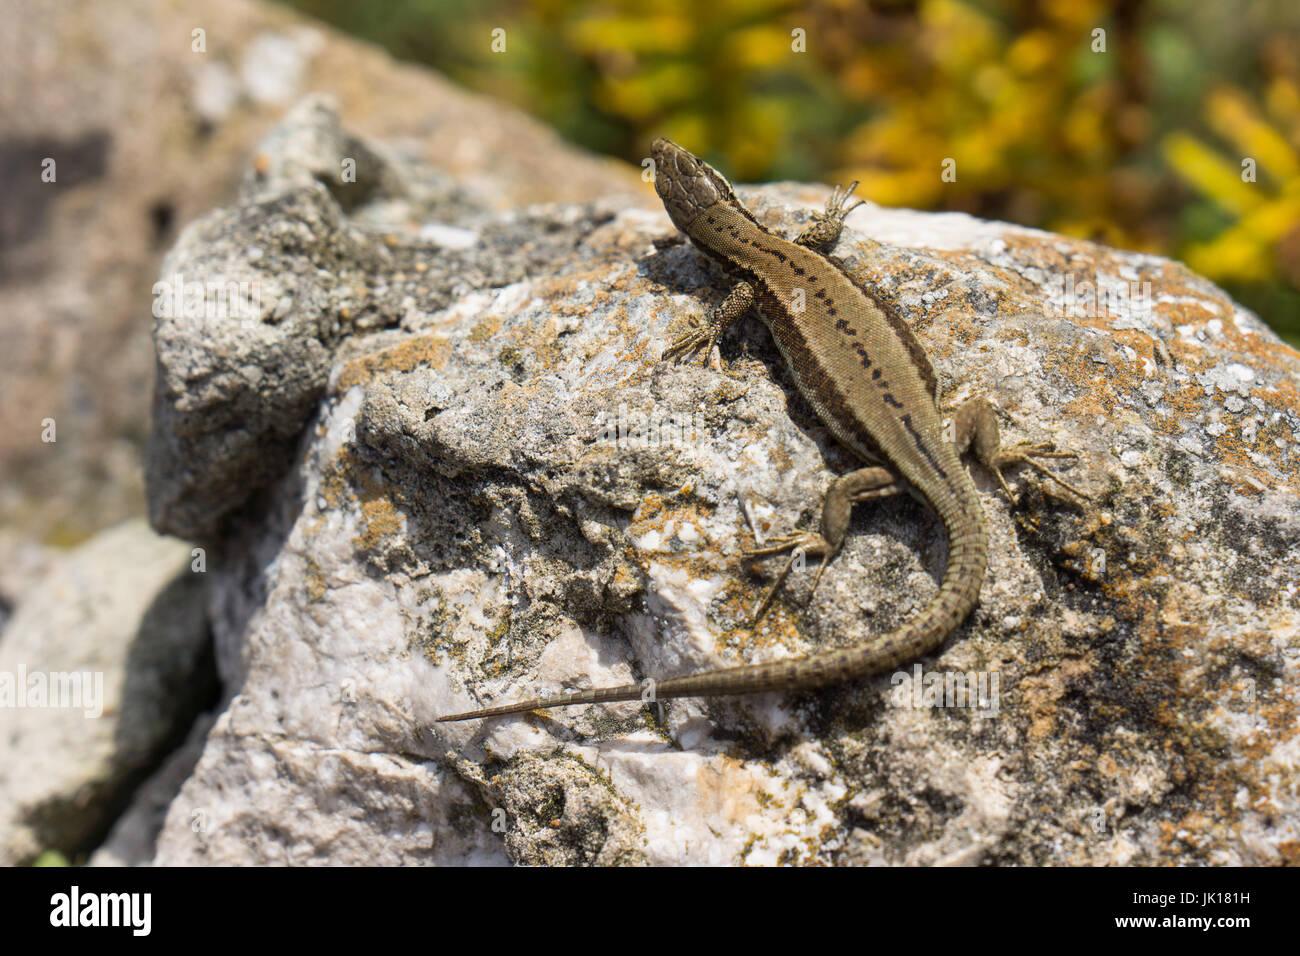 Hembra común o lagarto, ovíparos (Zootoca vivipara) que es un lagarto de Eurasia como se encuentra en el norte de España. Foto de stock